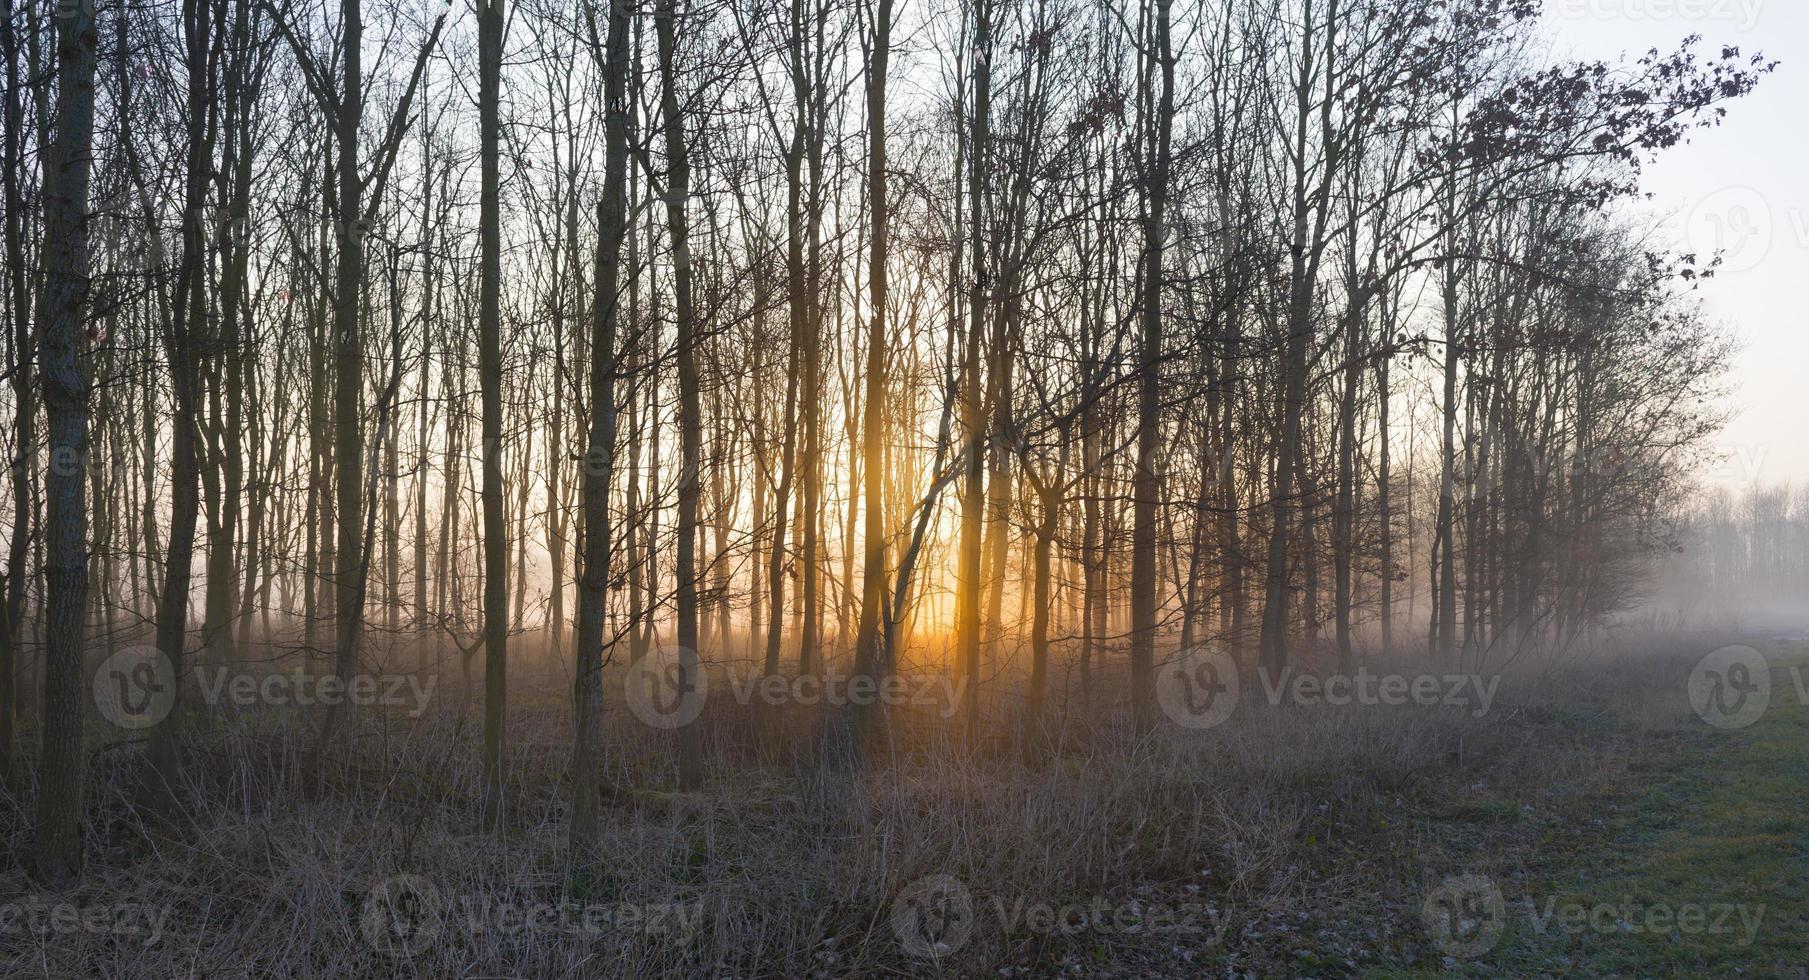 nascer do sol em uma floresta nublada no inverno foto